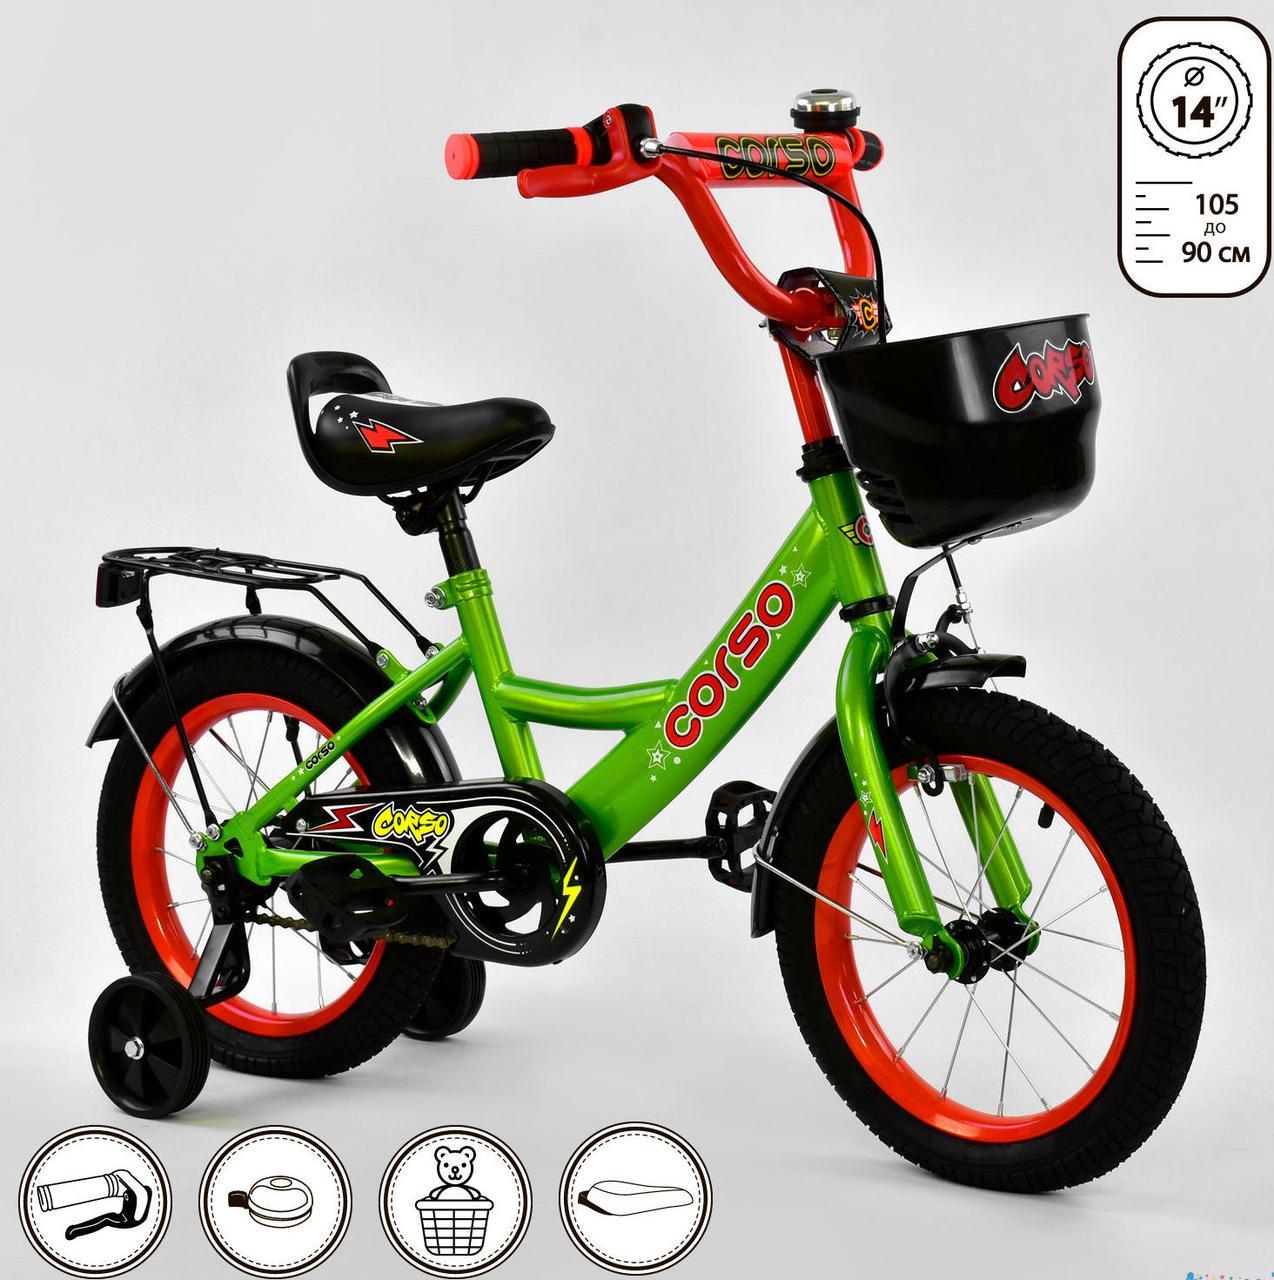 """Велосипед 14"""" дюймов 2-х колёсный G-14051 """"CORSO"""" новый ручной тормоз, корзинка, звоночек, сидение с ручкой,"""